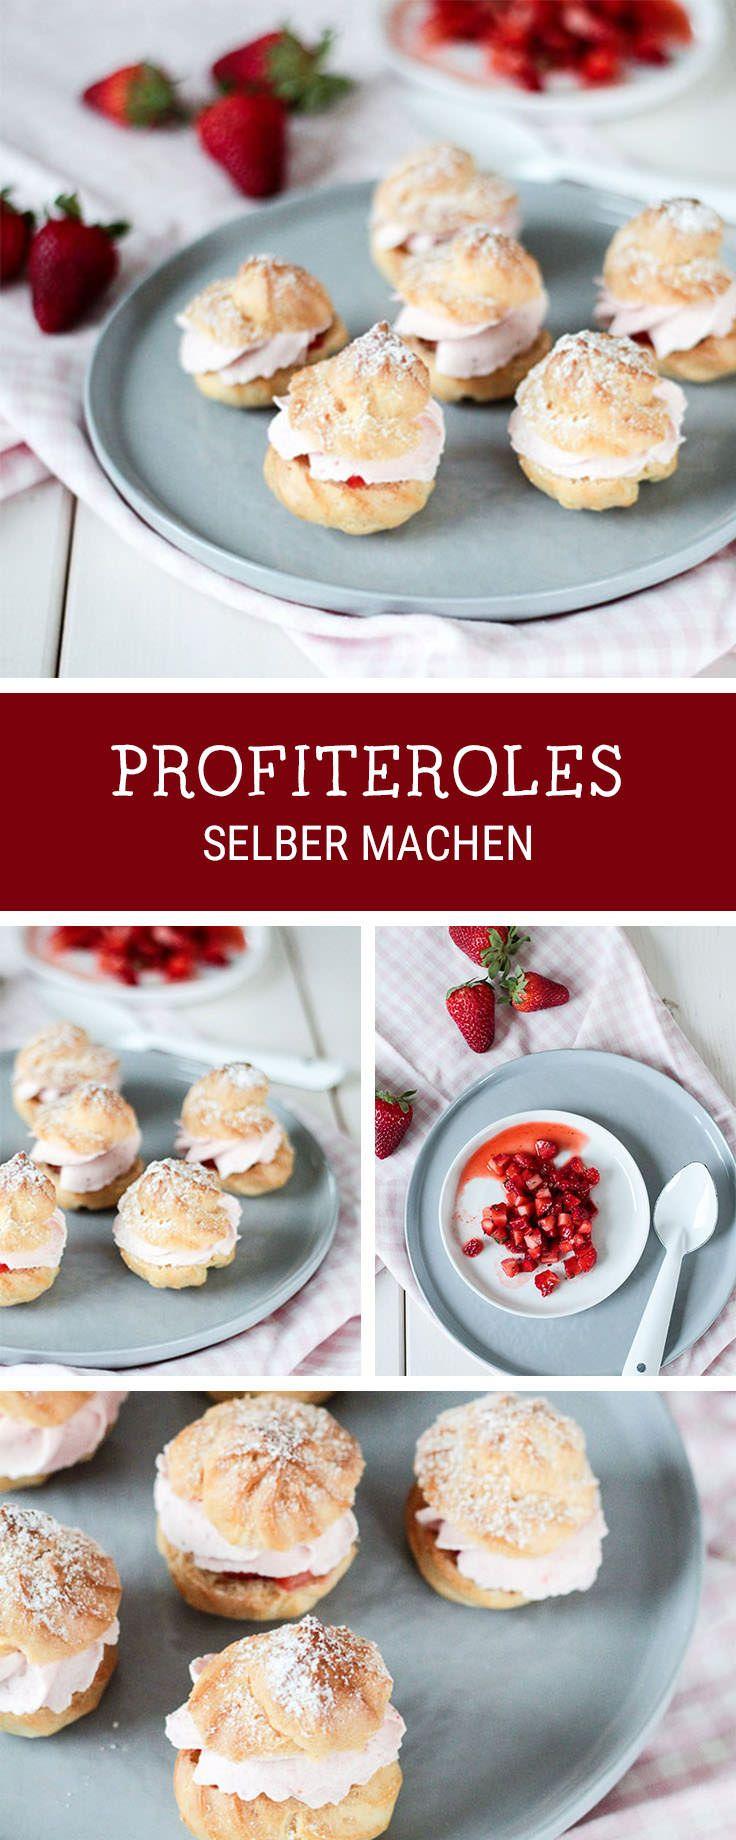 rezept f r ein s es dessert profiteroles mit erdbeeren windbeutel selbermachen creamy. Black Bedroom Furniture Sets. Home Design Ideas